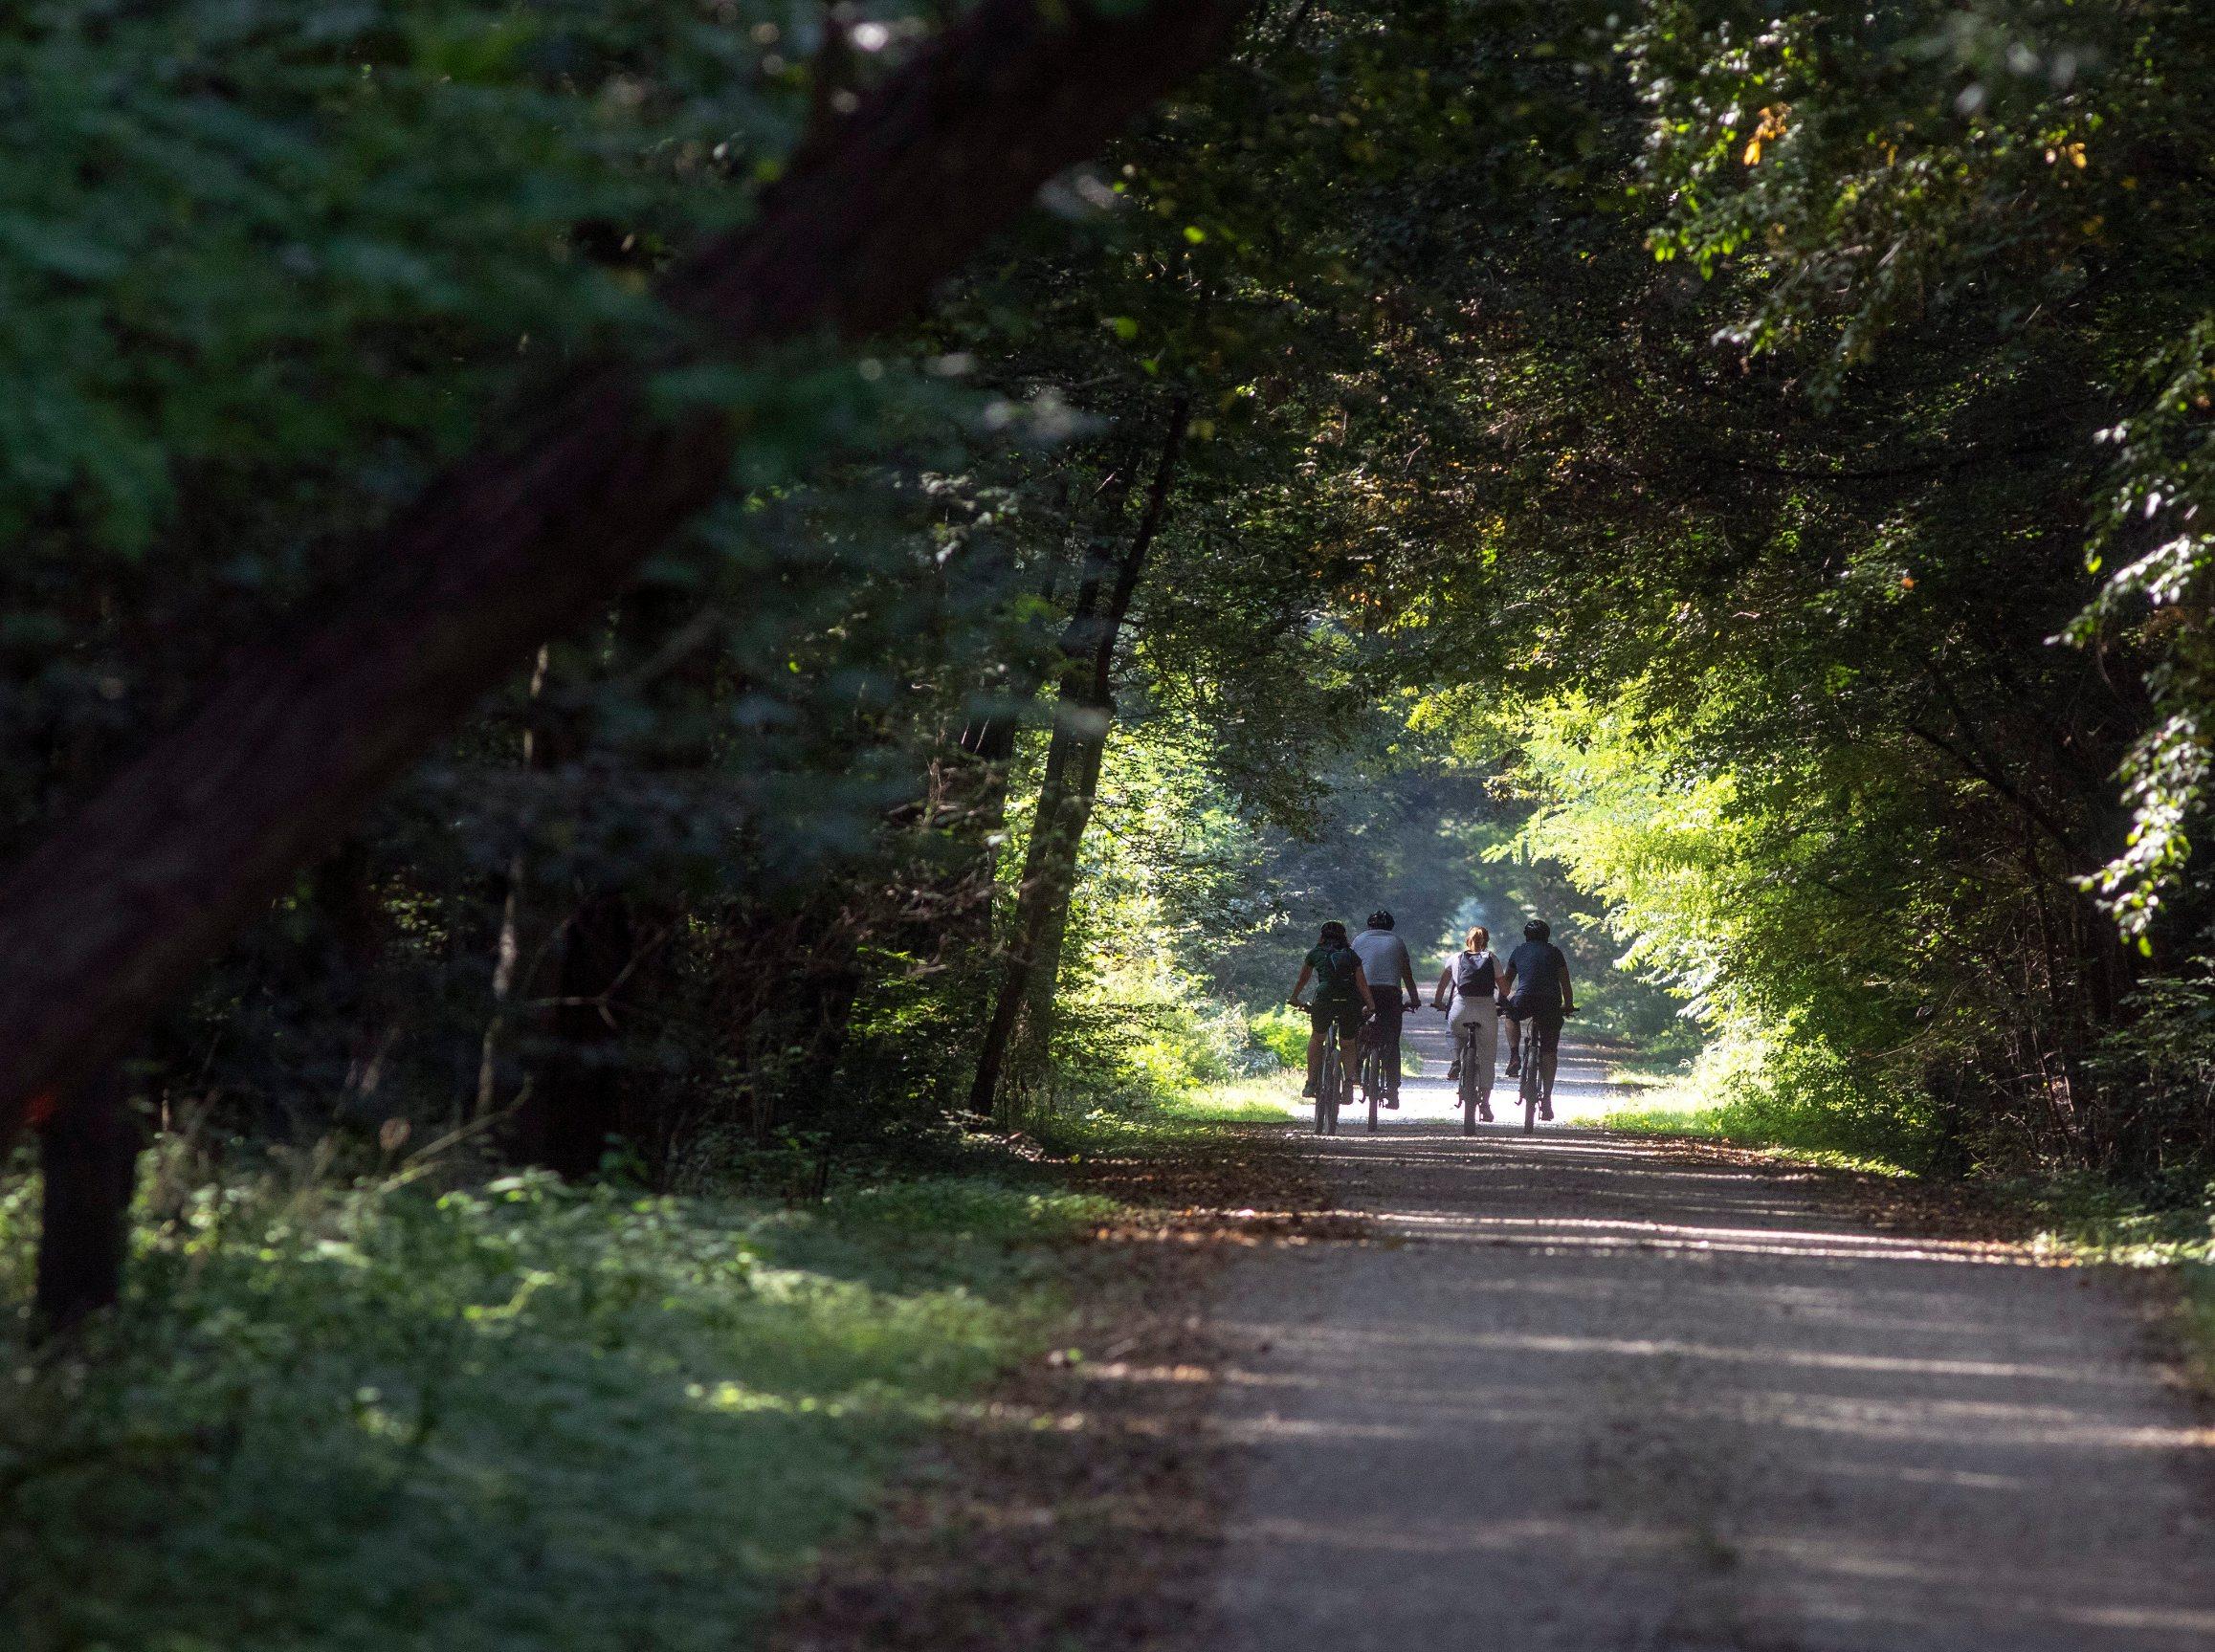 SPECIJAL LIKE JUTARNJI! Ludbreg, 210920. Reportaza o biciklistickoj stazi oko Ludbrega za Like. Foto: Zeljko Hajdinjak / CROPIX